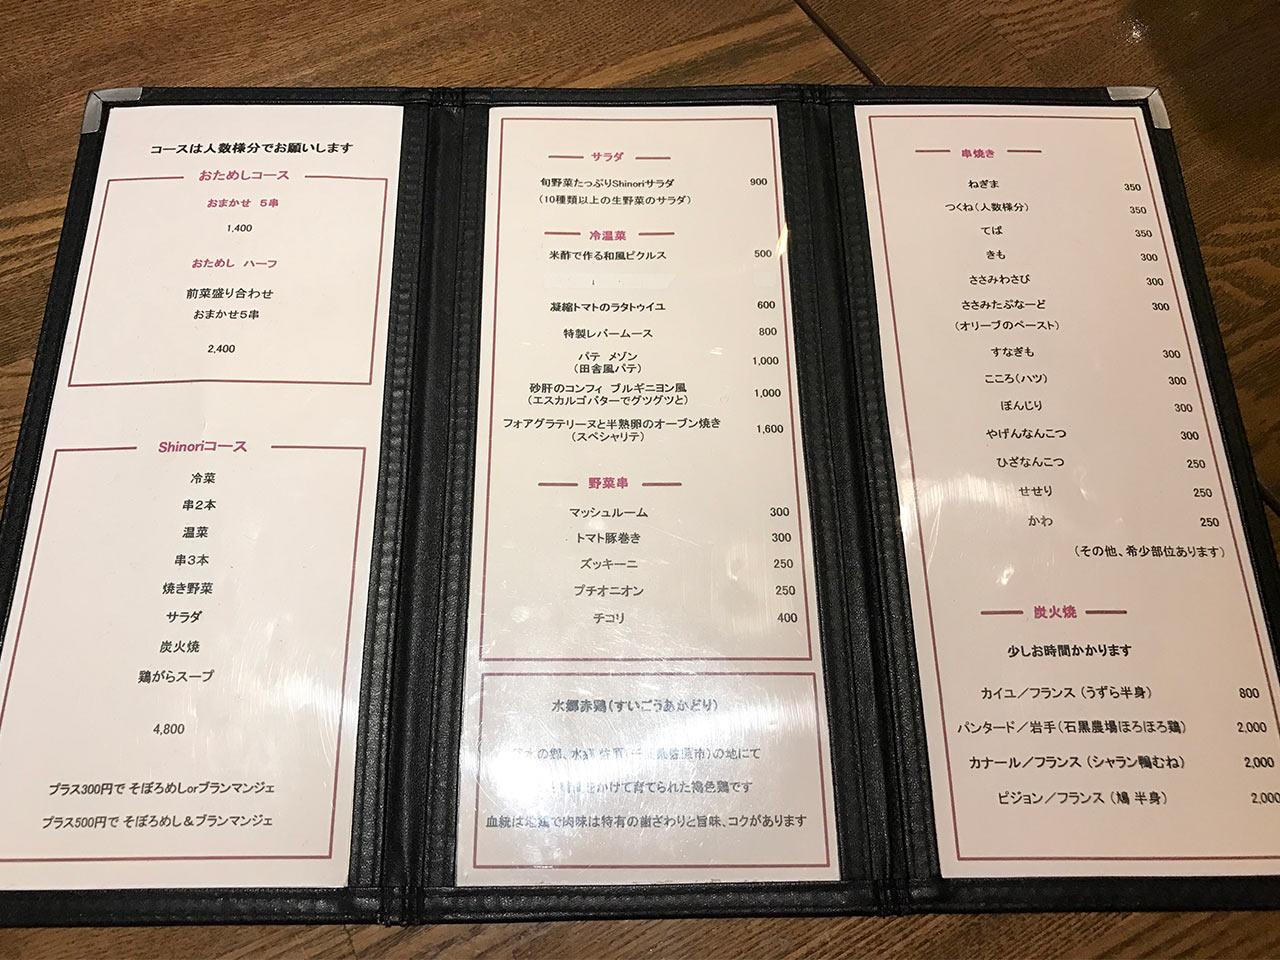 武蔵小山「Shinori(シノリ)」のメニュー01